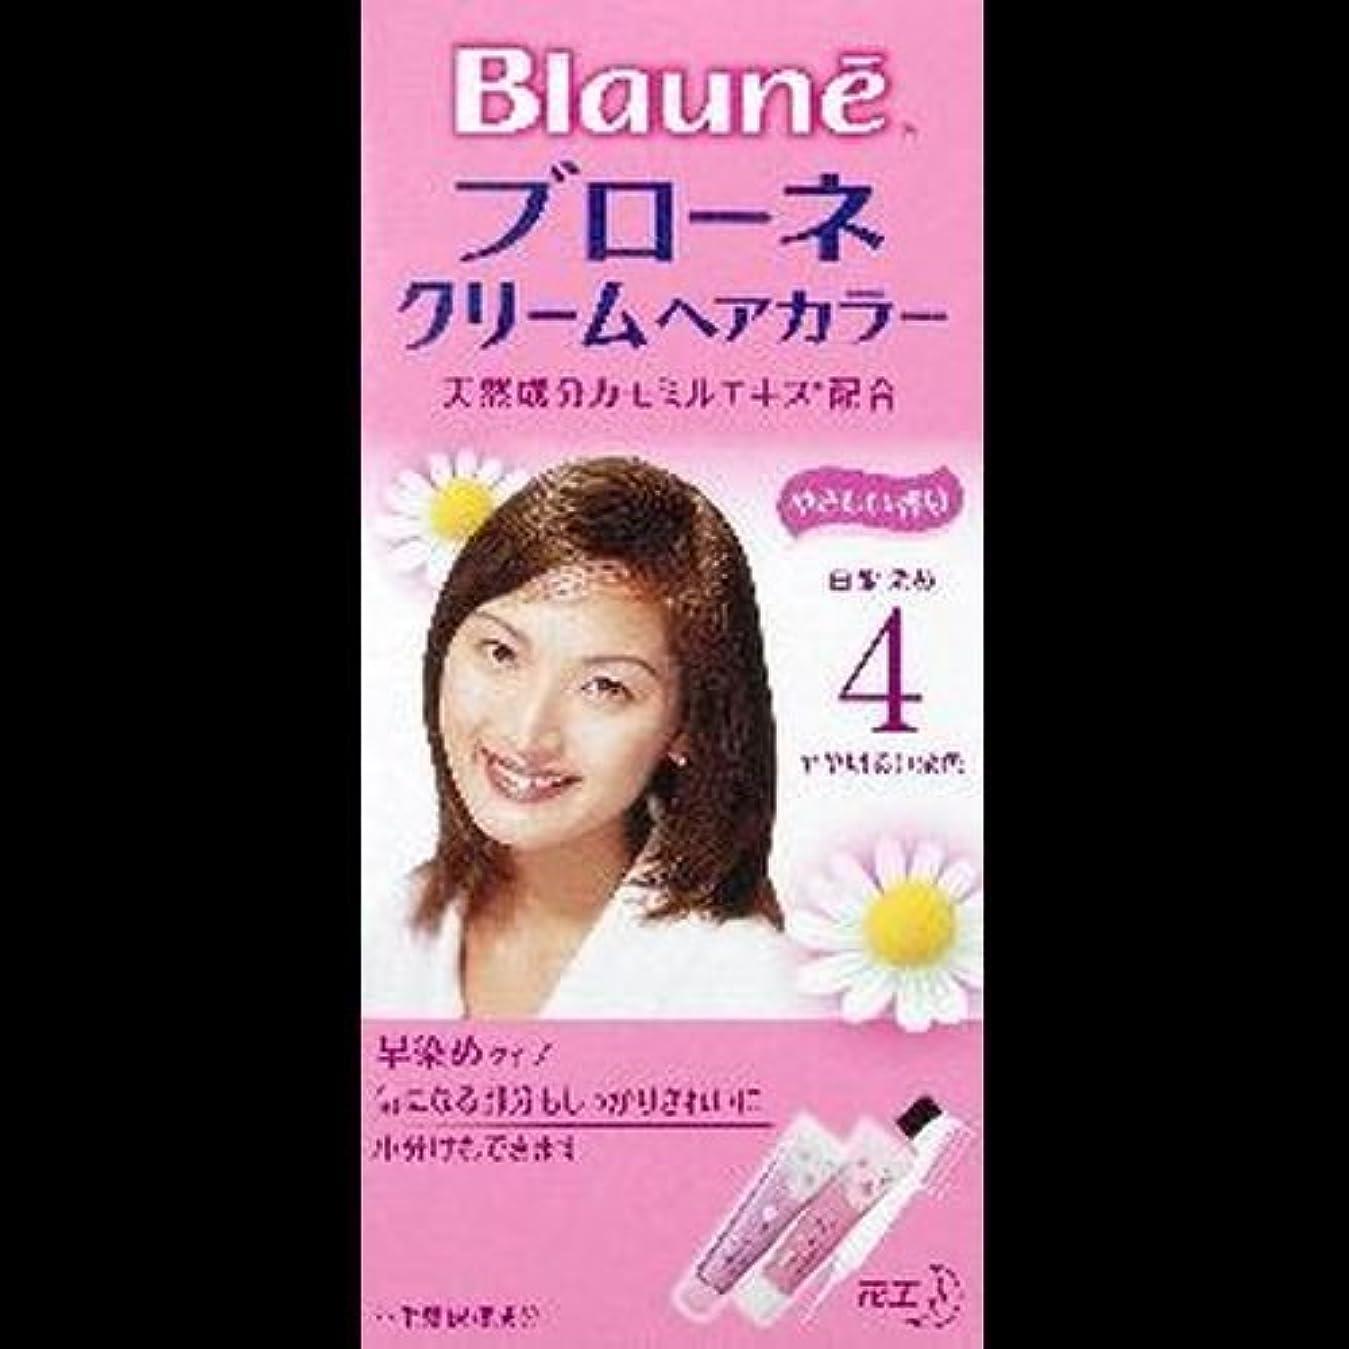 【まとめ買い】ブローネクリームヘアカラー 4 やや明るい栗色 ×2セット